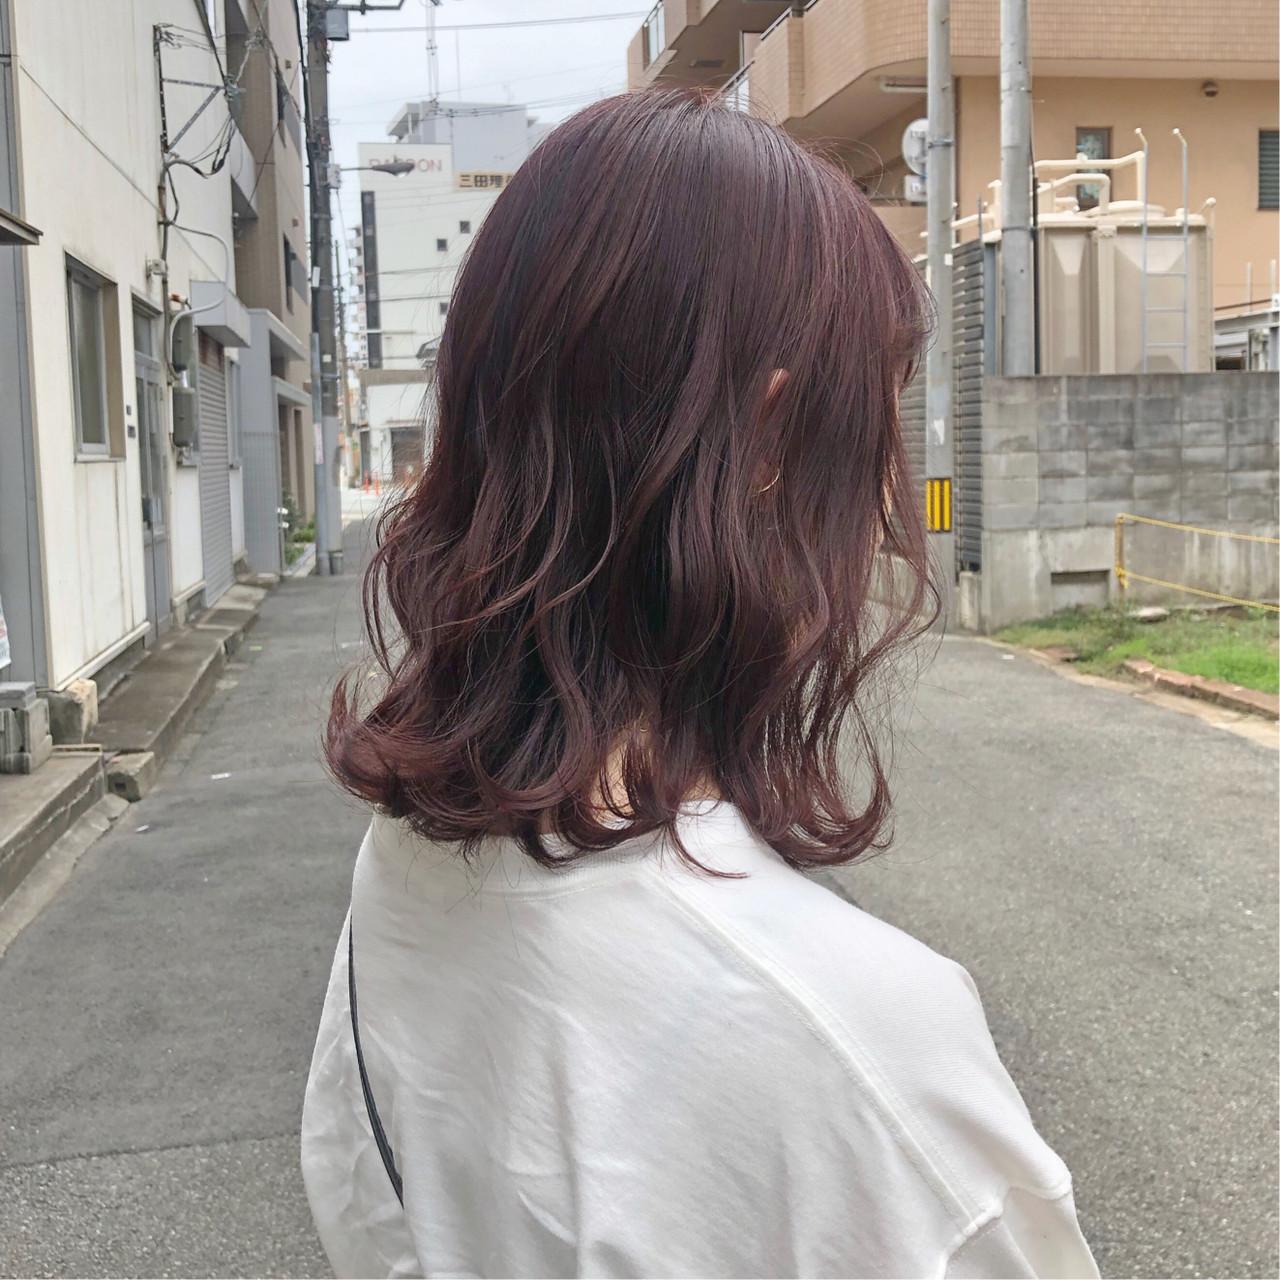 ガーリー ピンクベージュ デート ピンクアッシュヘアスタイルや髪型の写真・画像